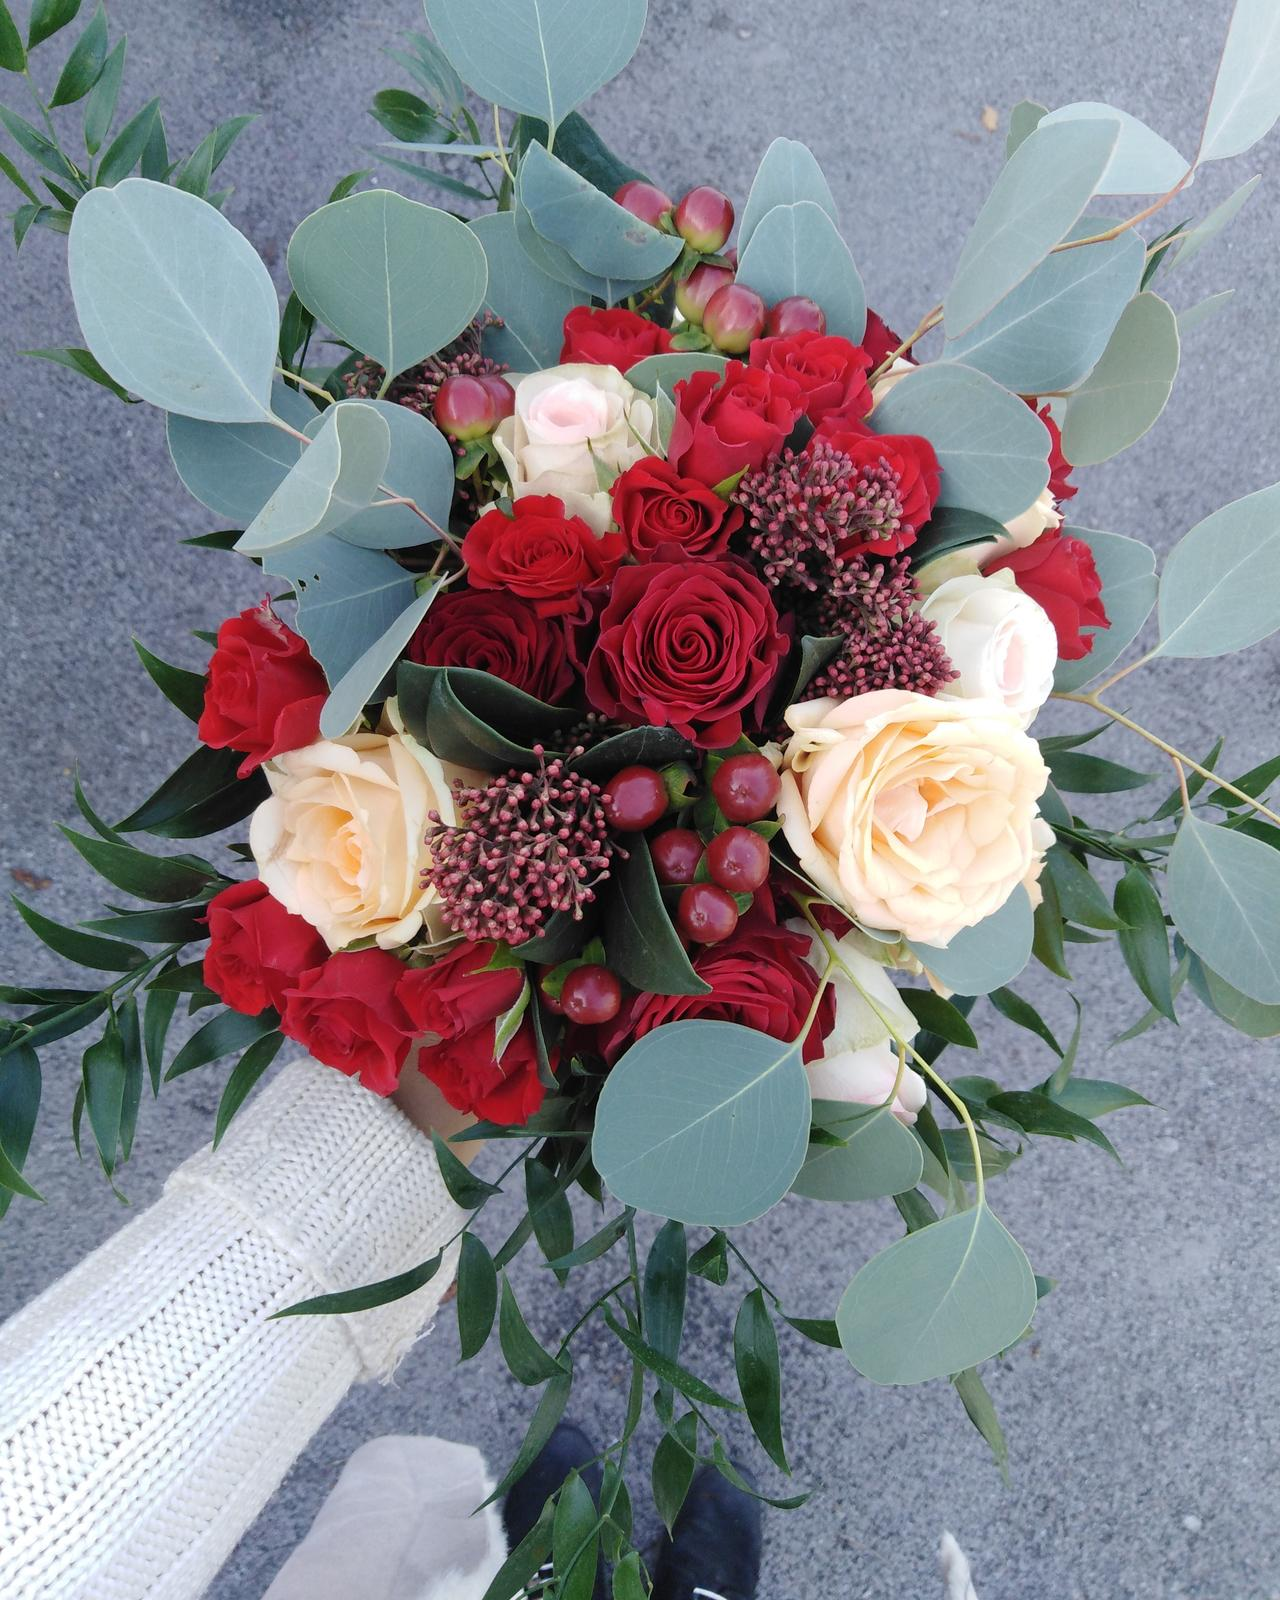 Svadobné kytice - Obrázok č. 1